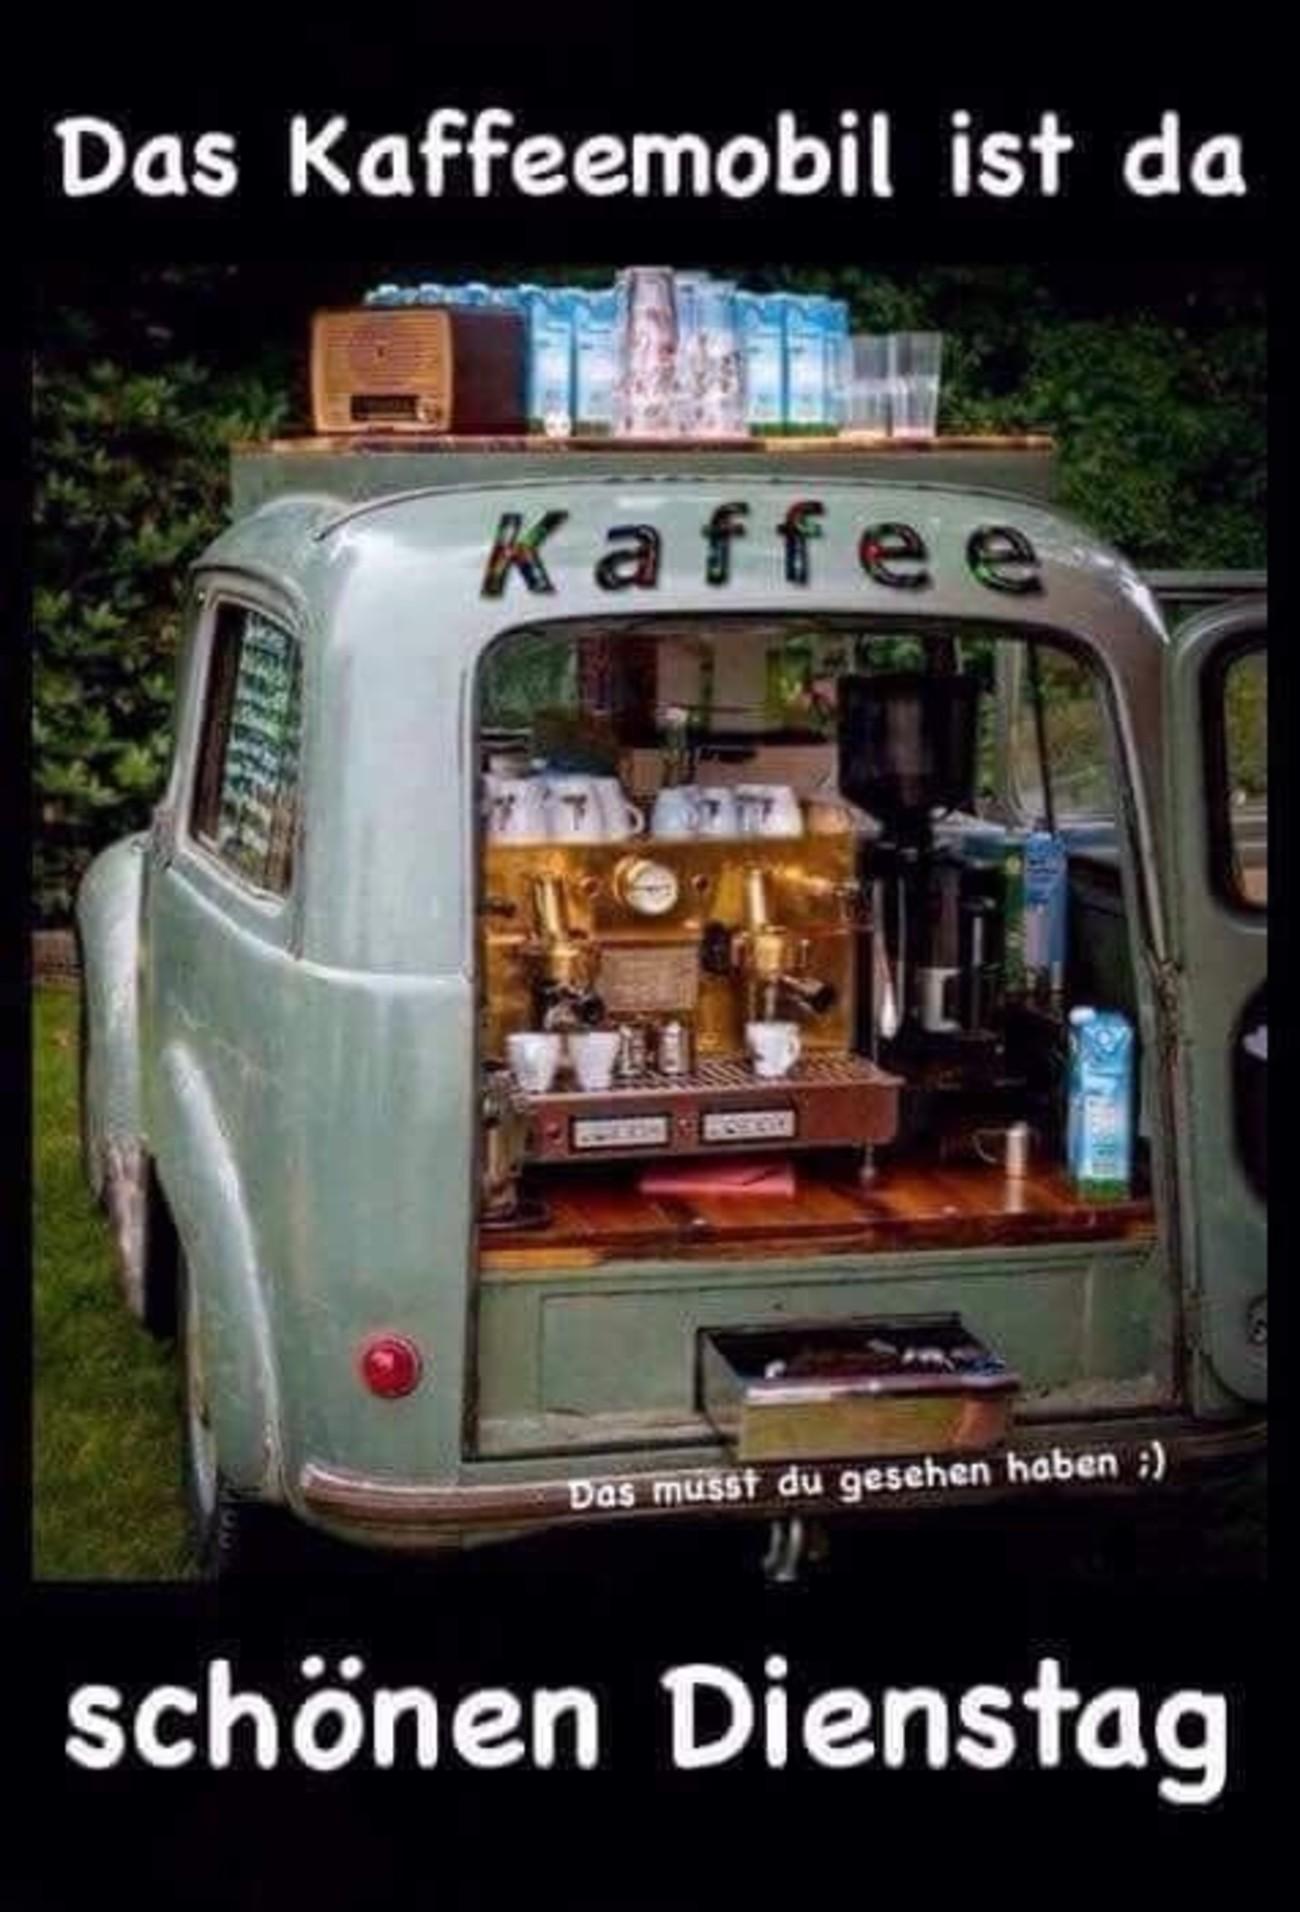 Schönen Dienstag kaffee 41